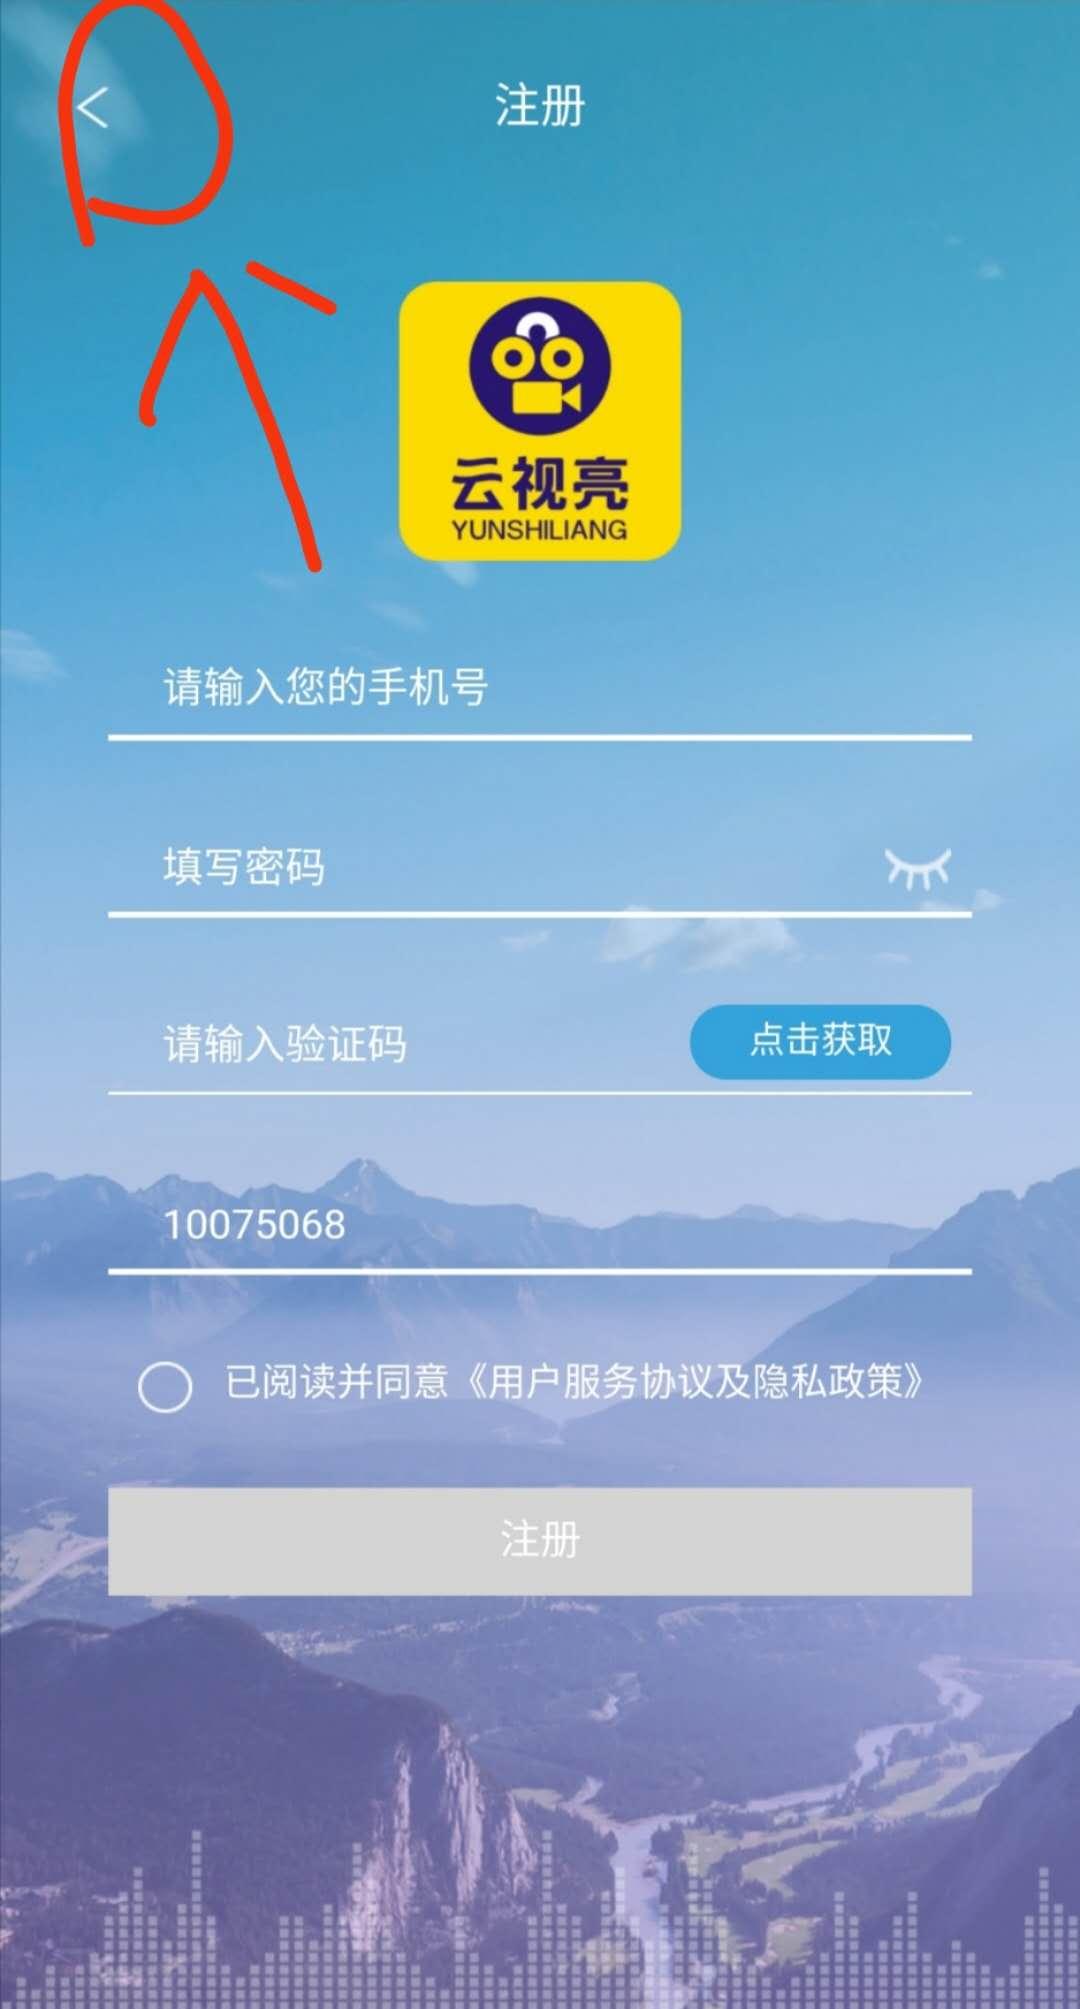 """020年最新首码,云视亮,目前推广阶段,26号上线"""""""